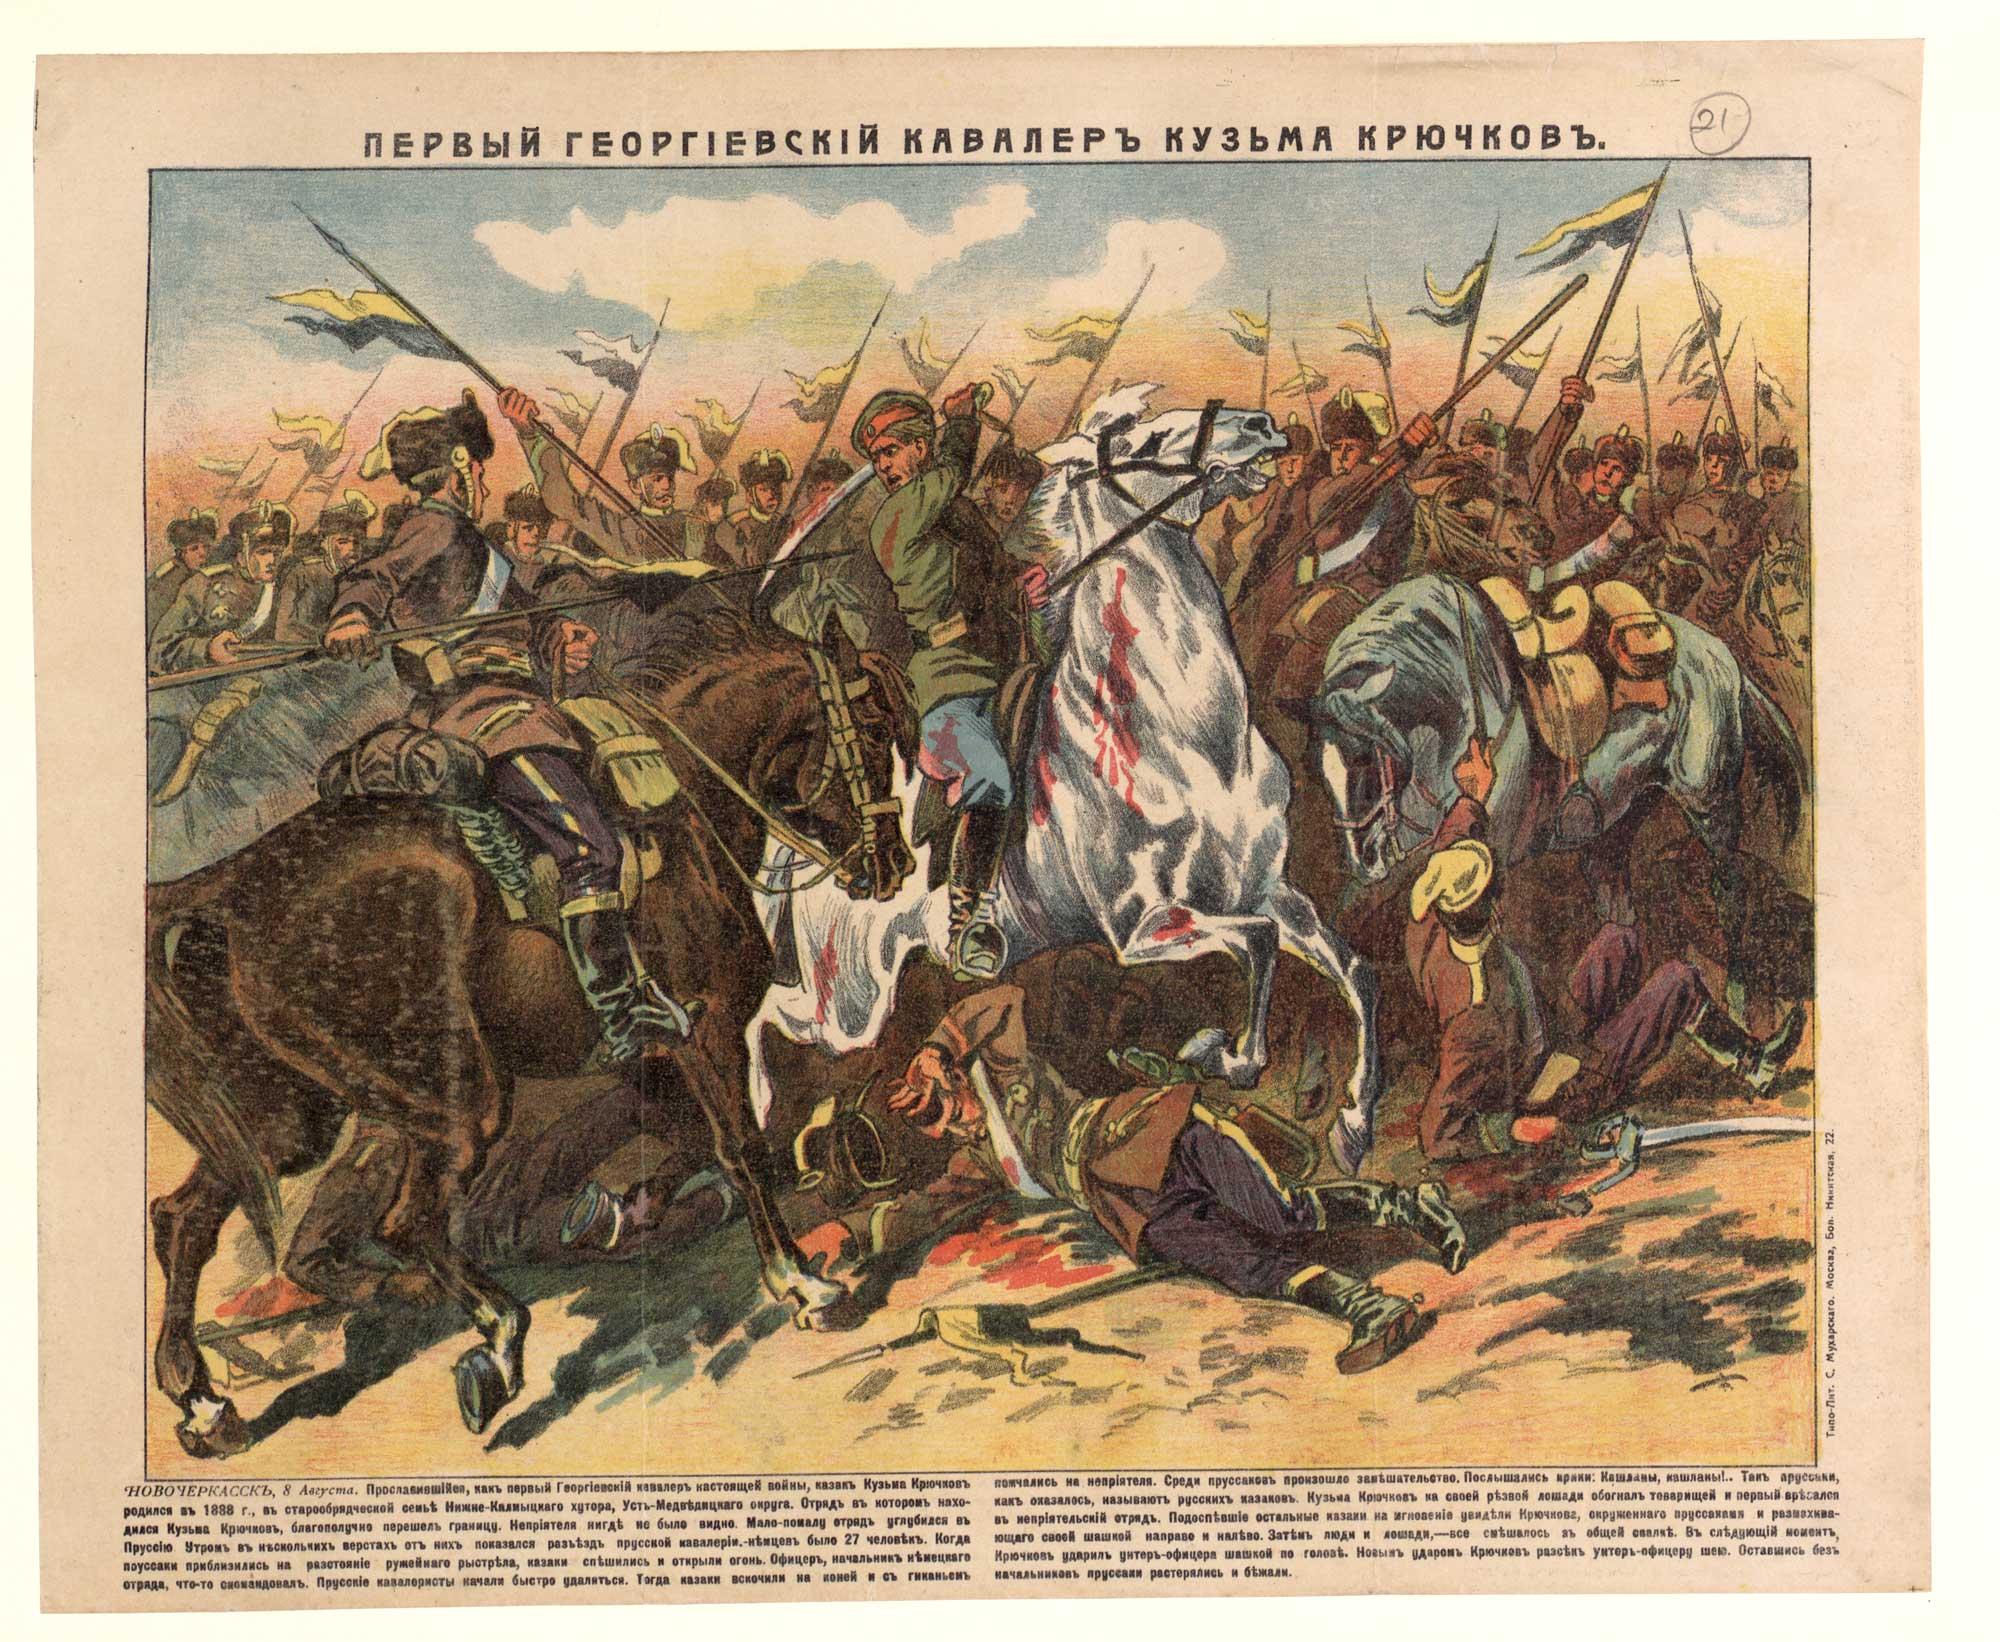 The first St George 'cavalier' Kozma Kriuchkov